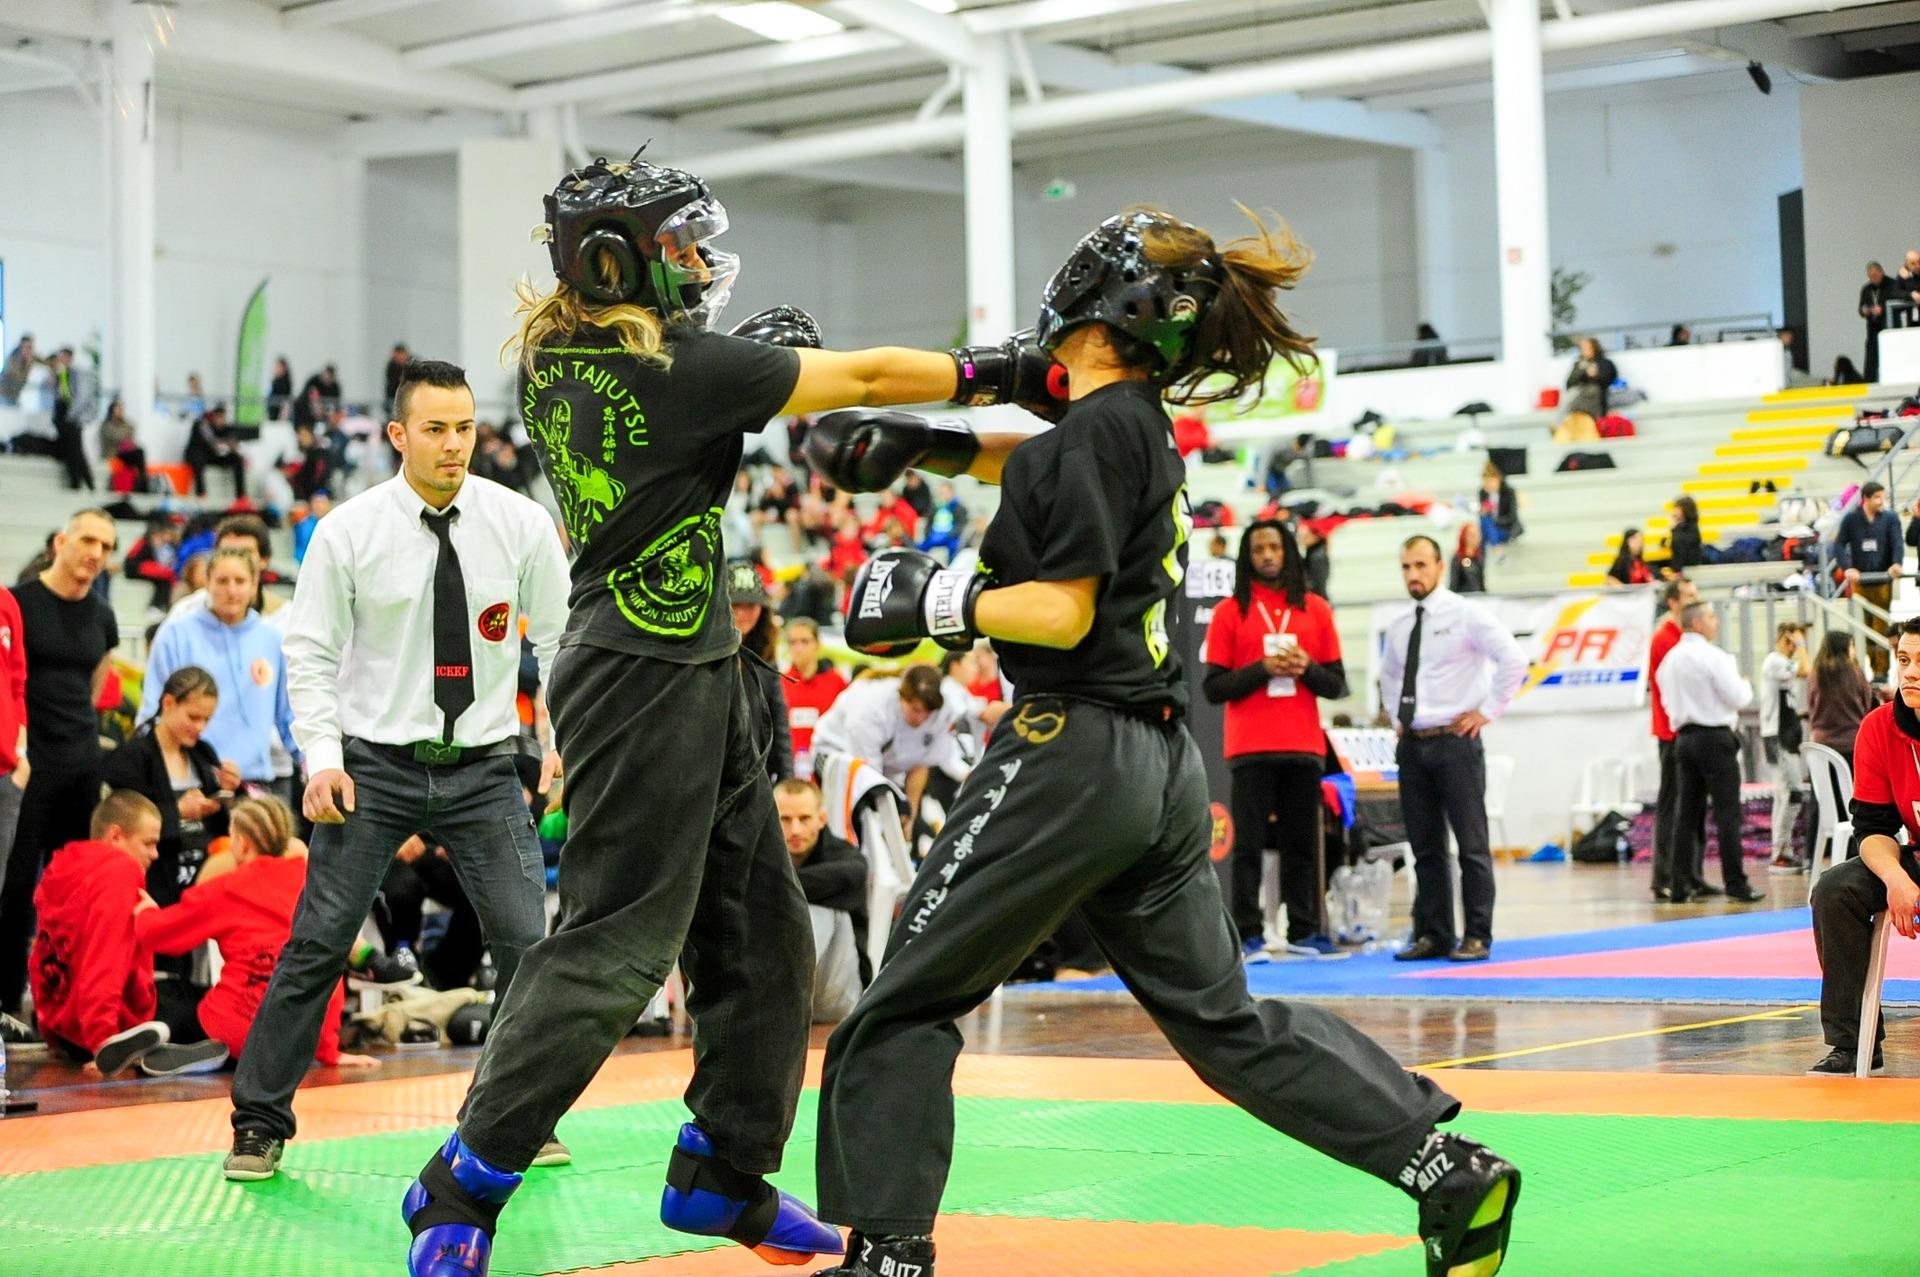 Duas competidoras em luta oficial de boxe.